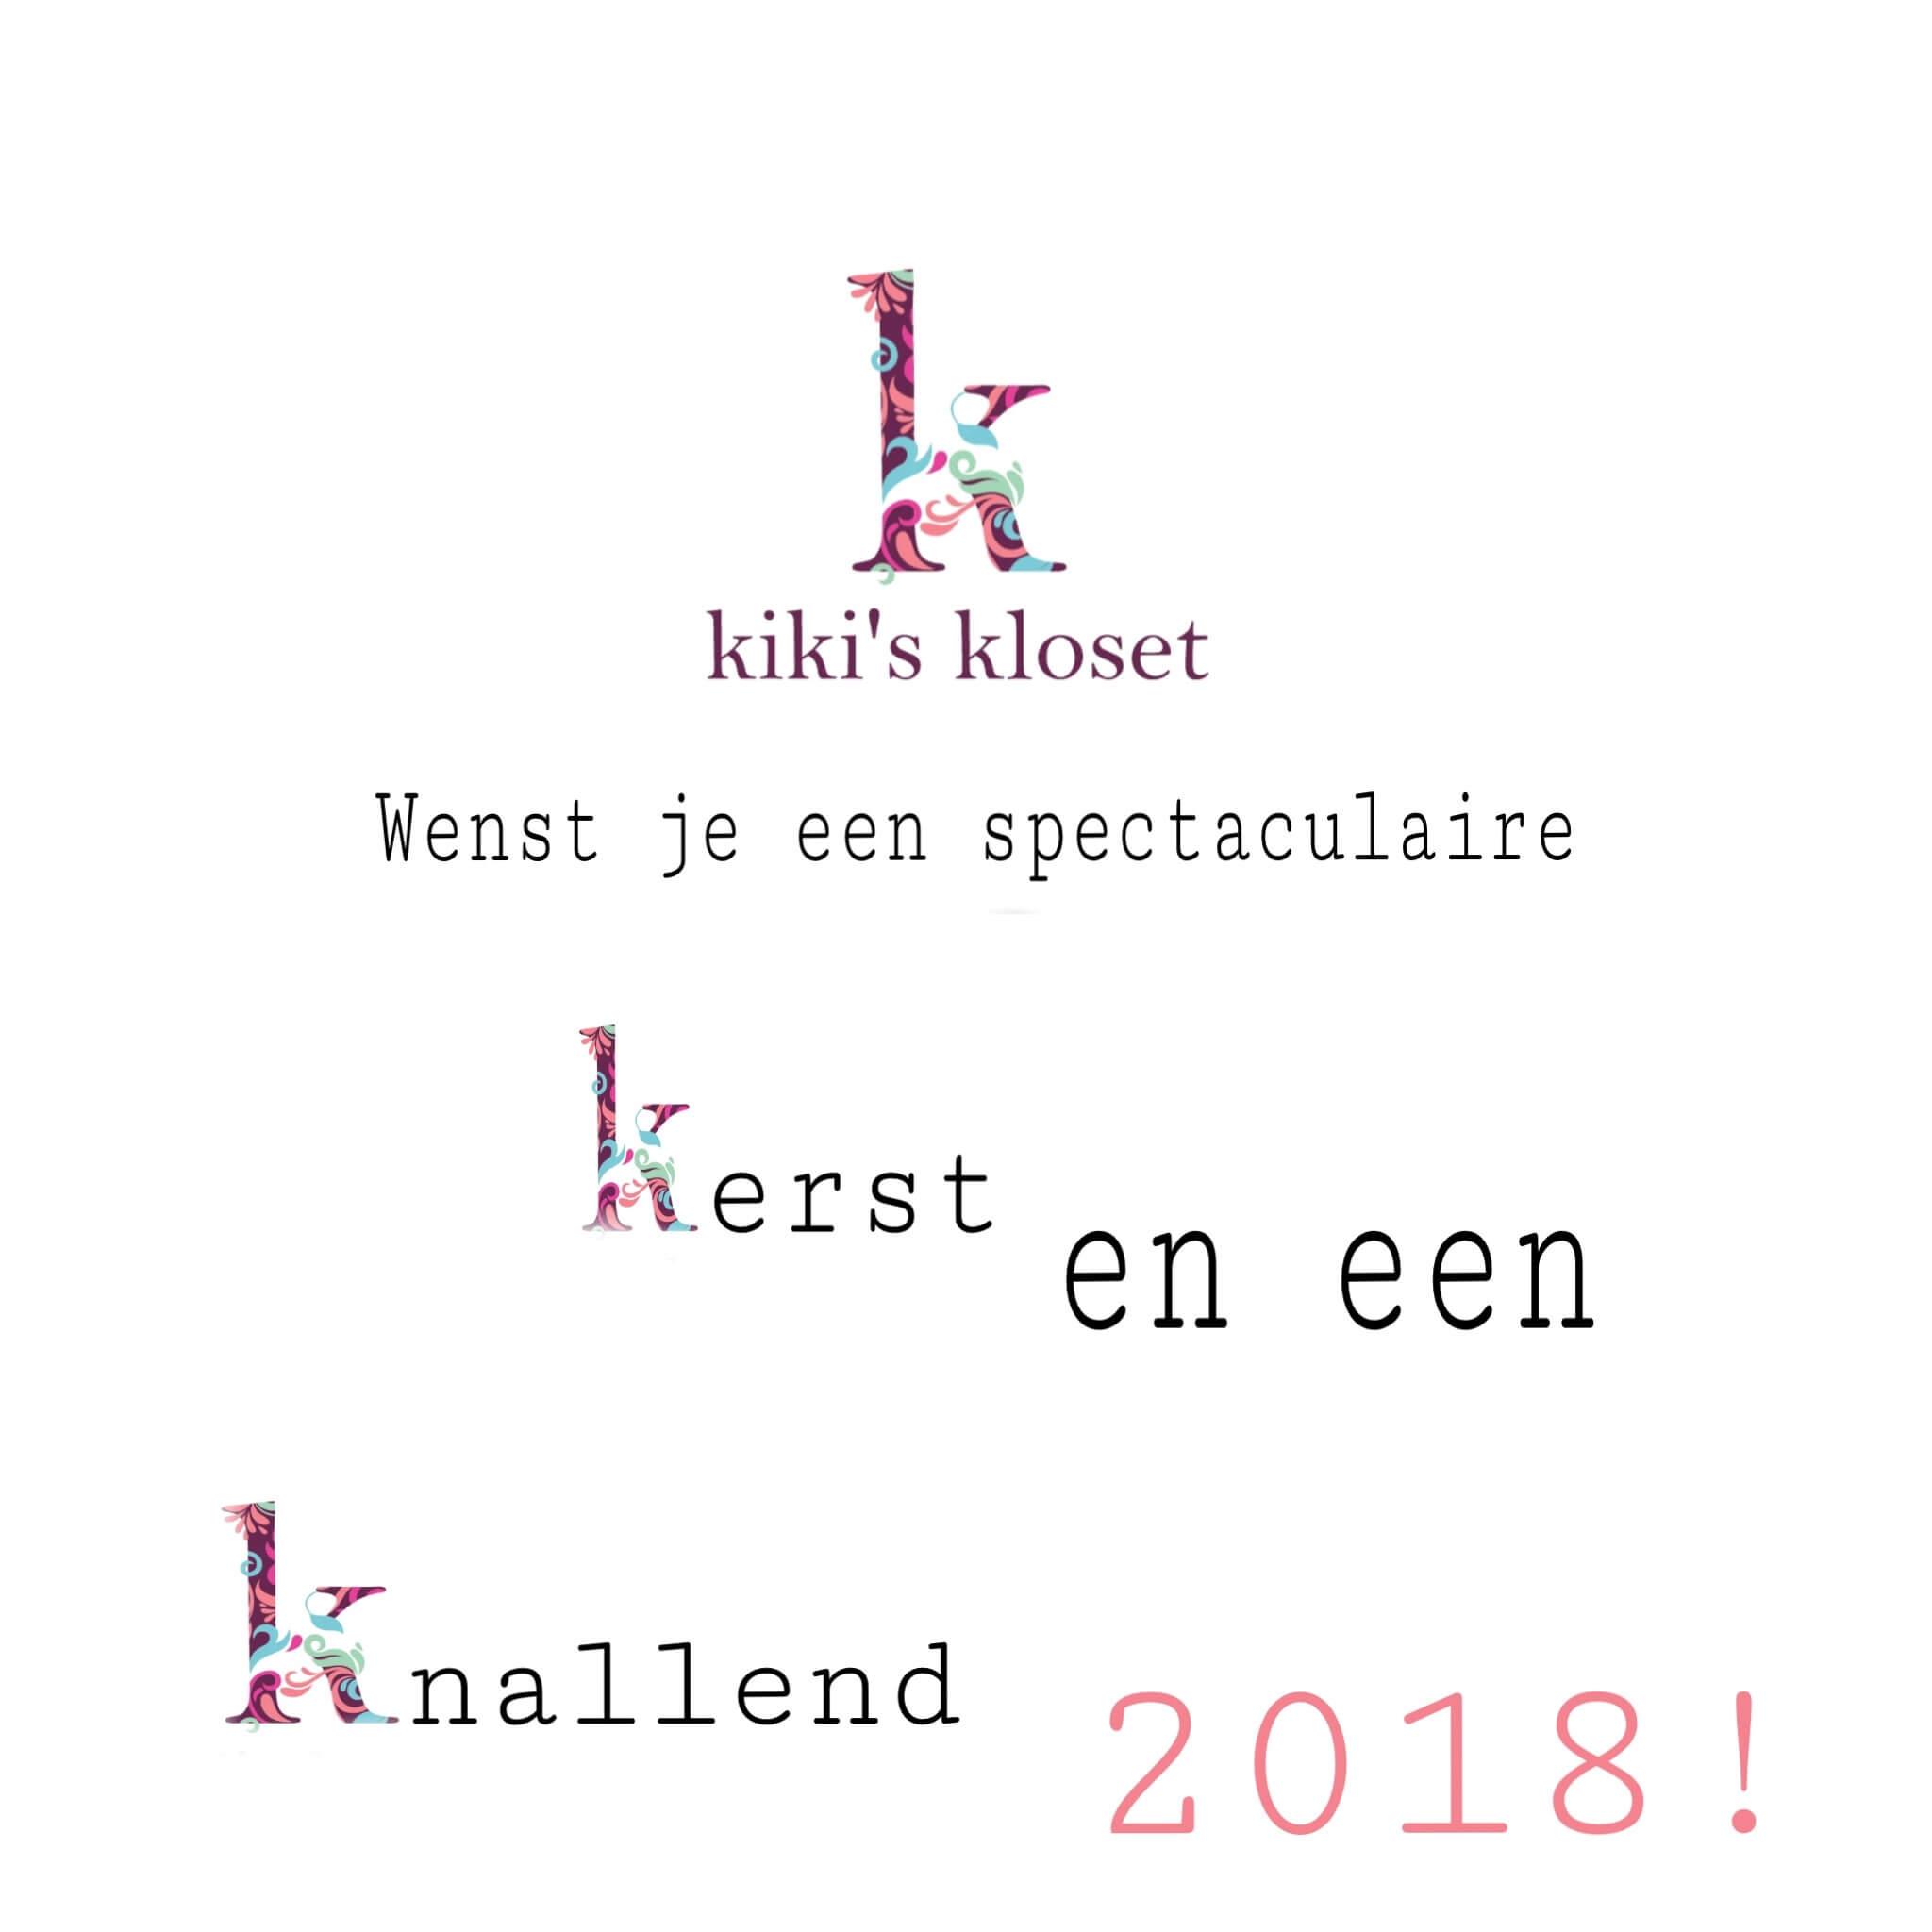 knallend 2018